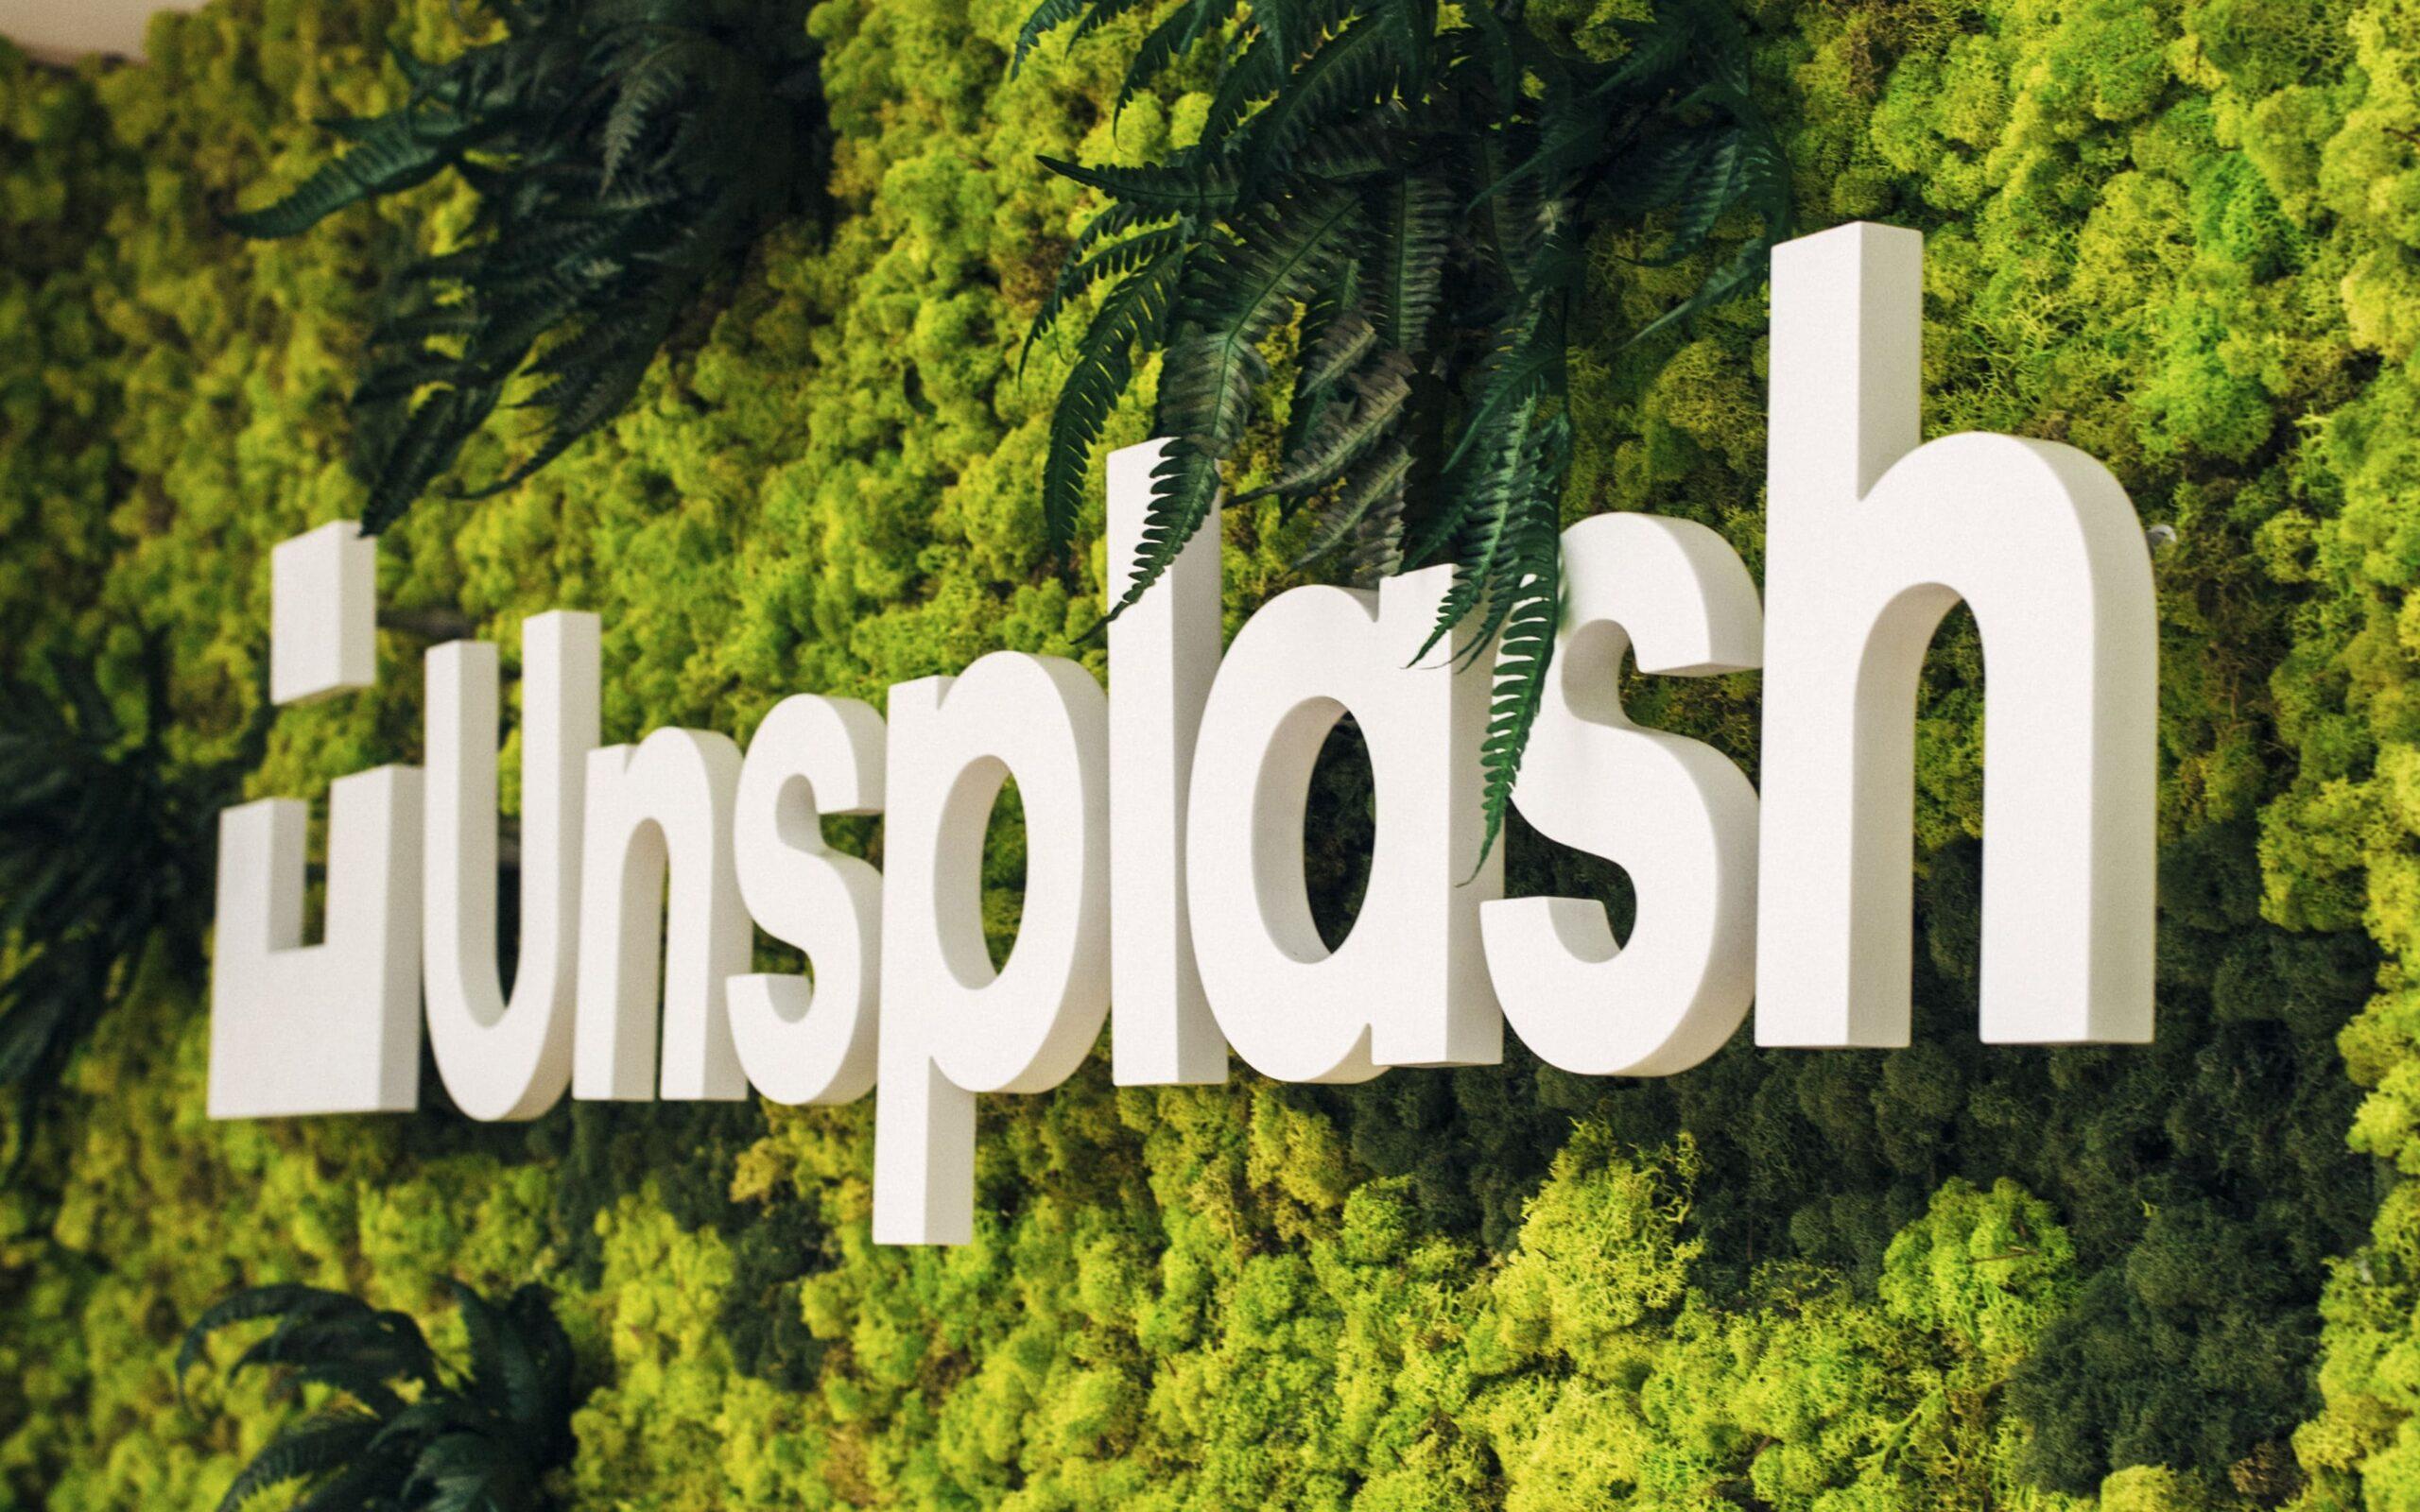 Unsplash free fotobanka 2019